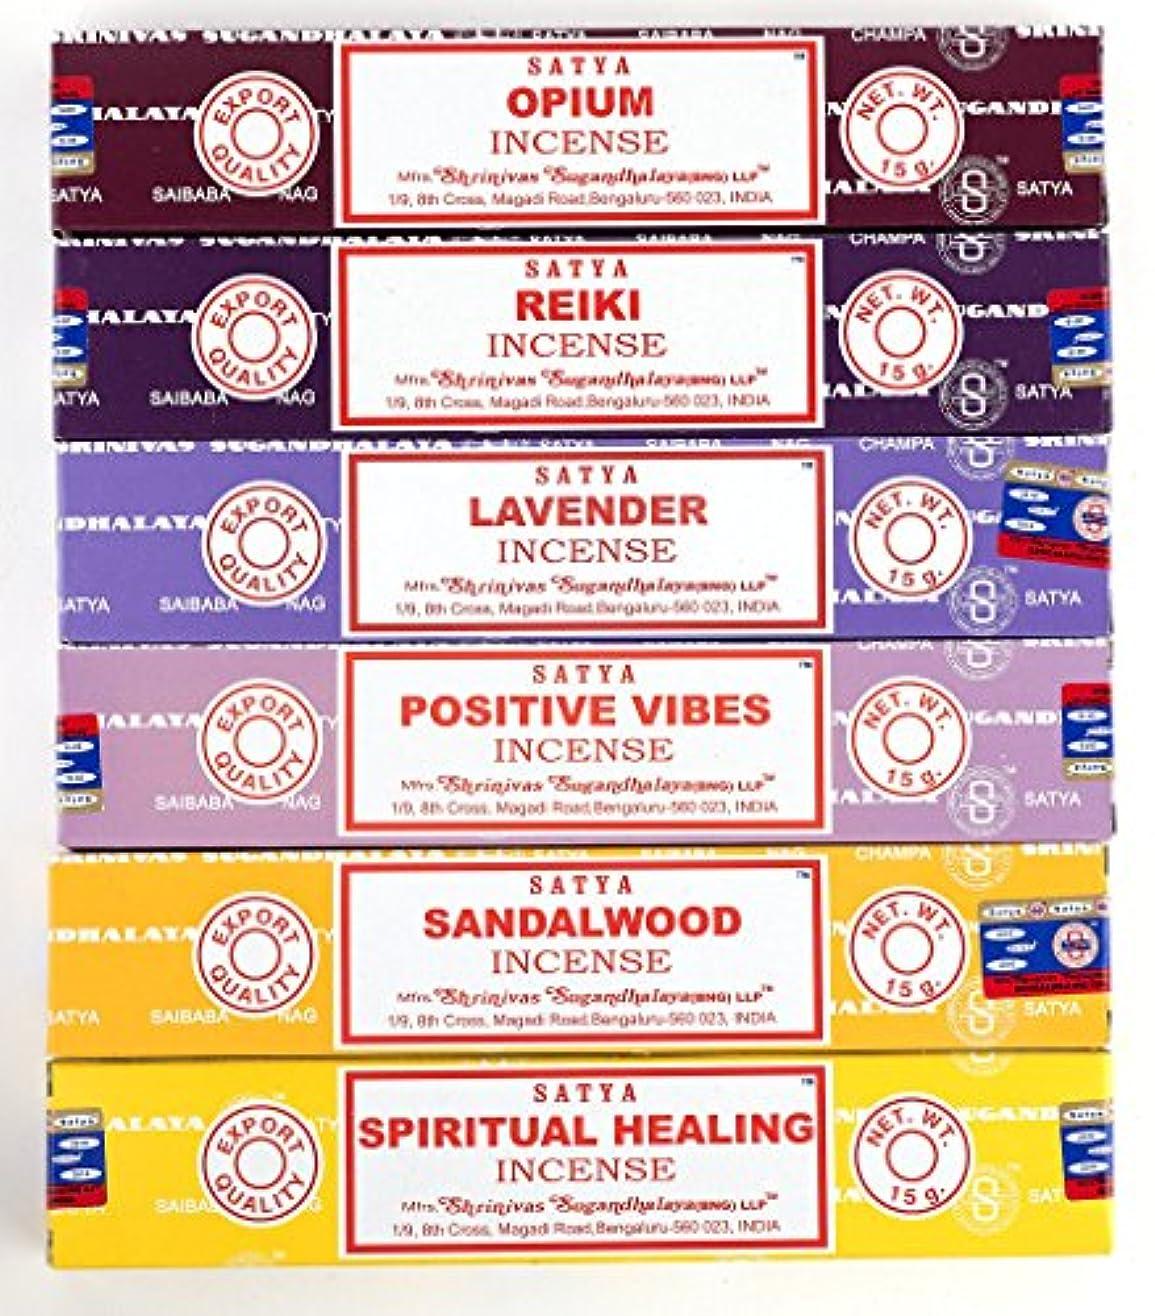 負荷ホールドアクチュエータNag Champa 6 Piece Variety Pack – Opium、レイキ、ラベンダー、Positive Vibes、サンダルウッド、Spiritual Healing